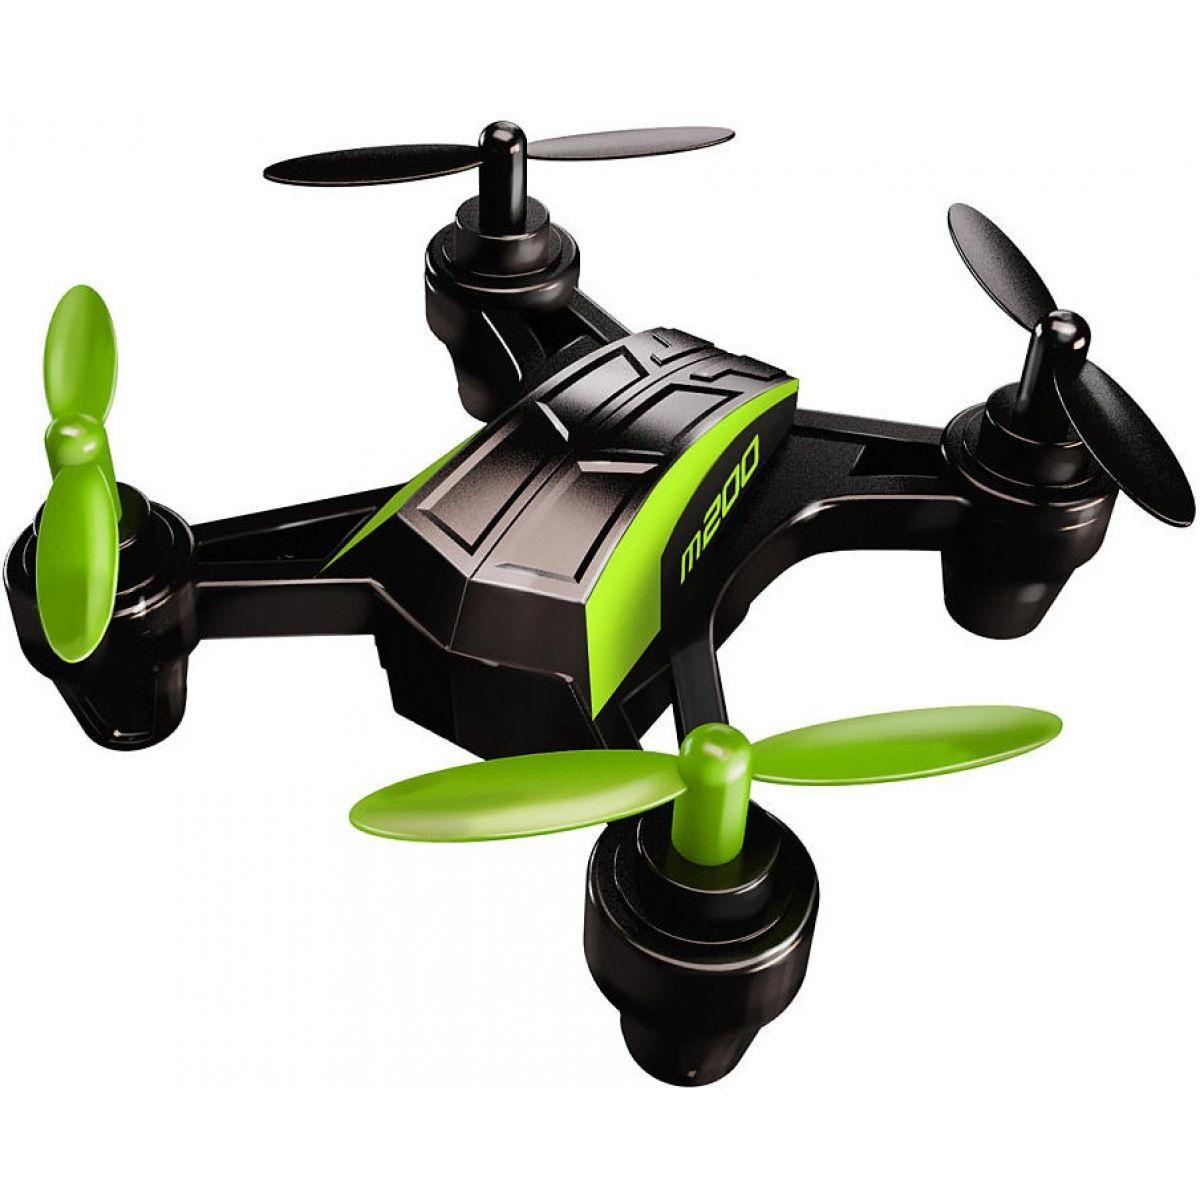 EP Line Sky Viper m200 Nano drone